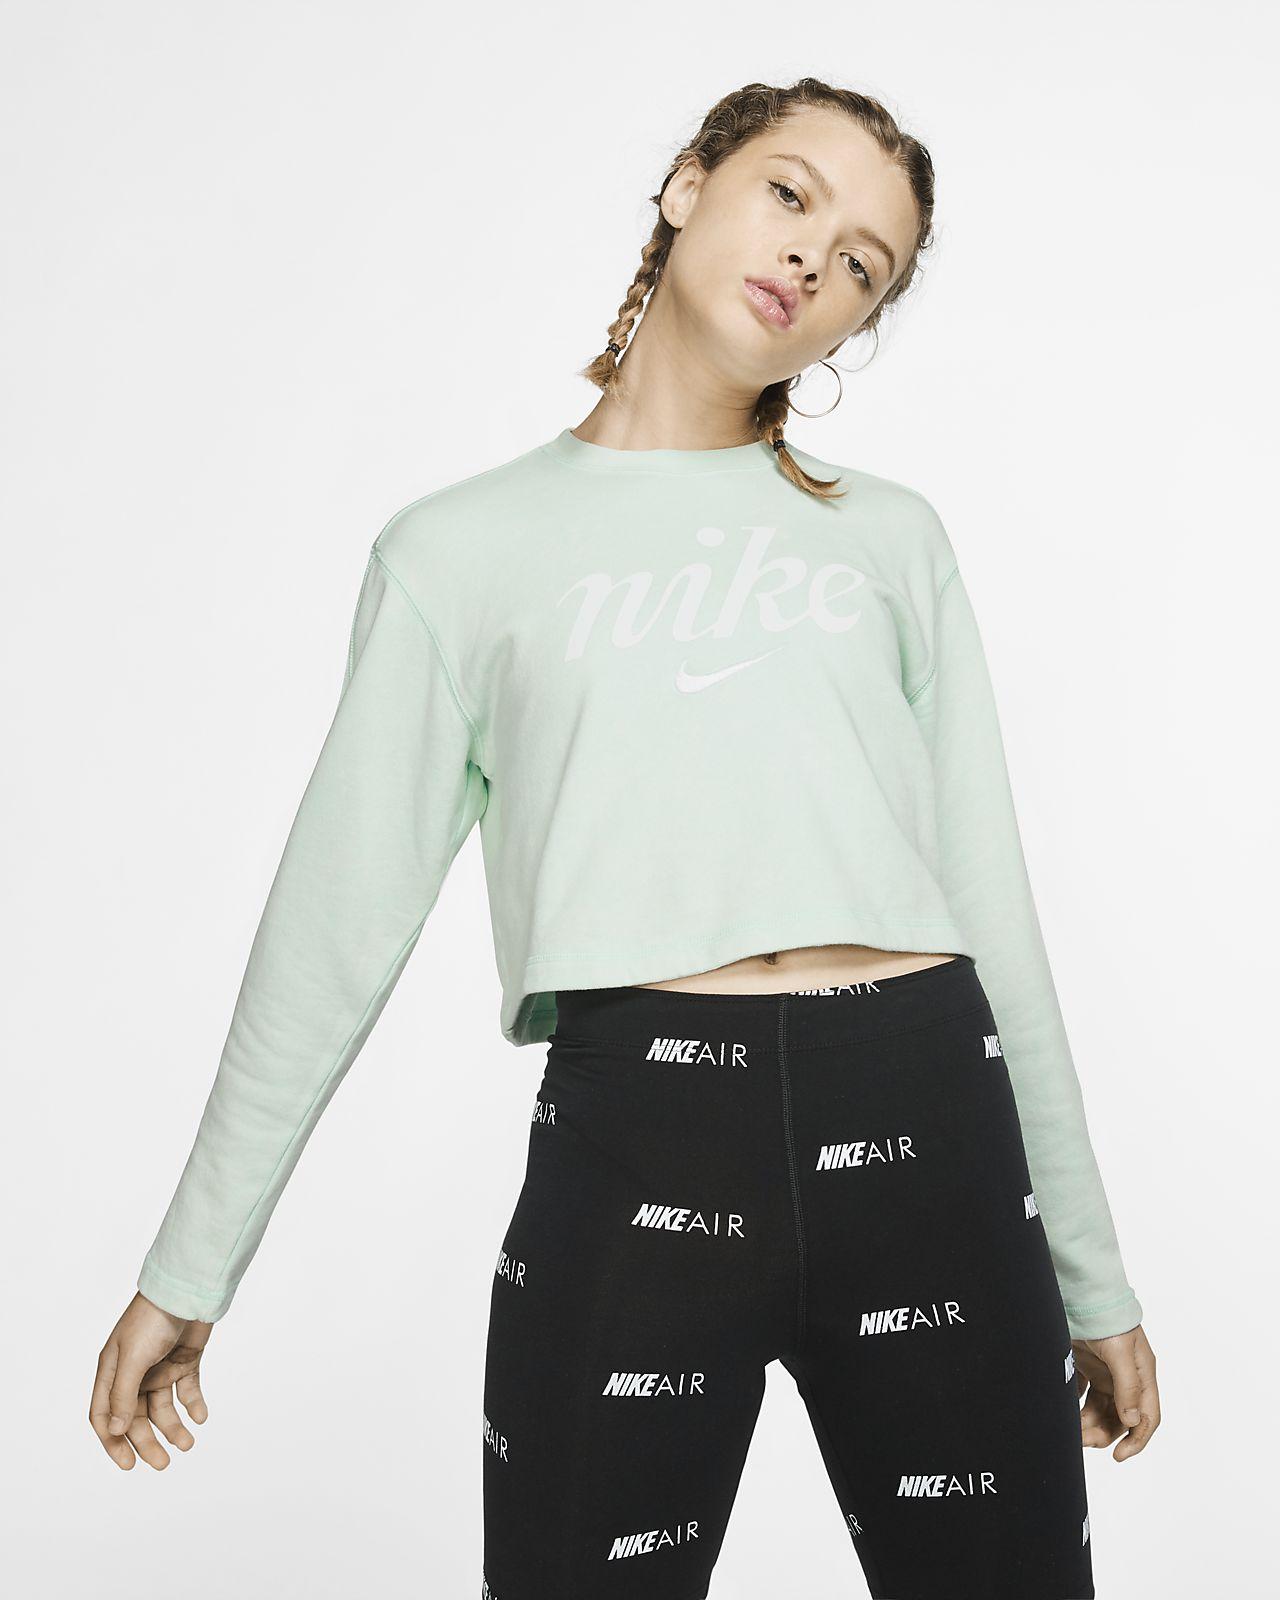 Nike Sportswear rövid szabású női pulóver